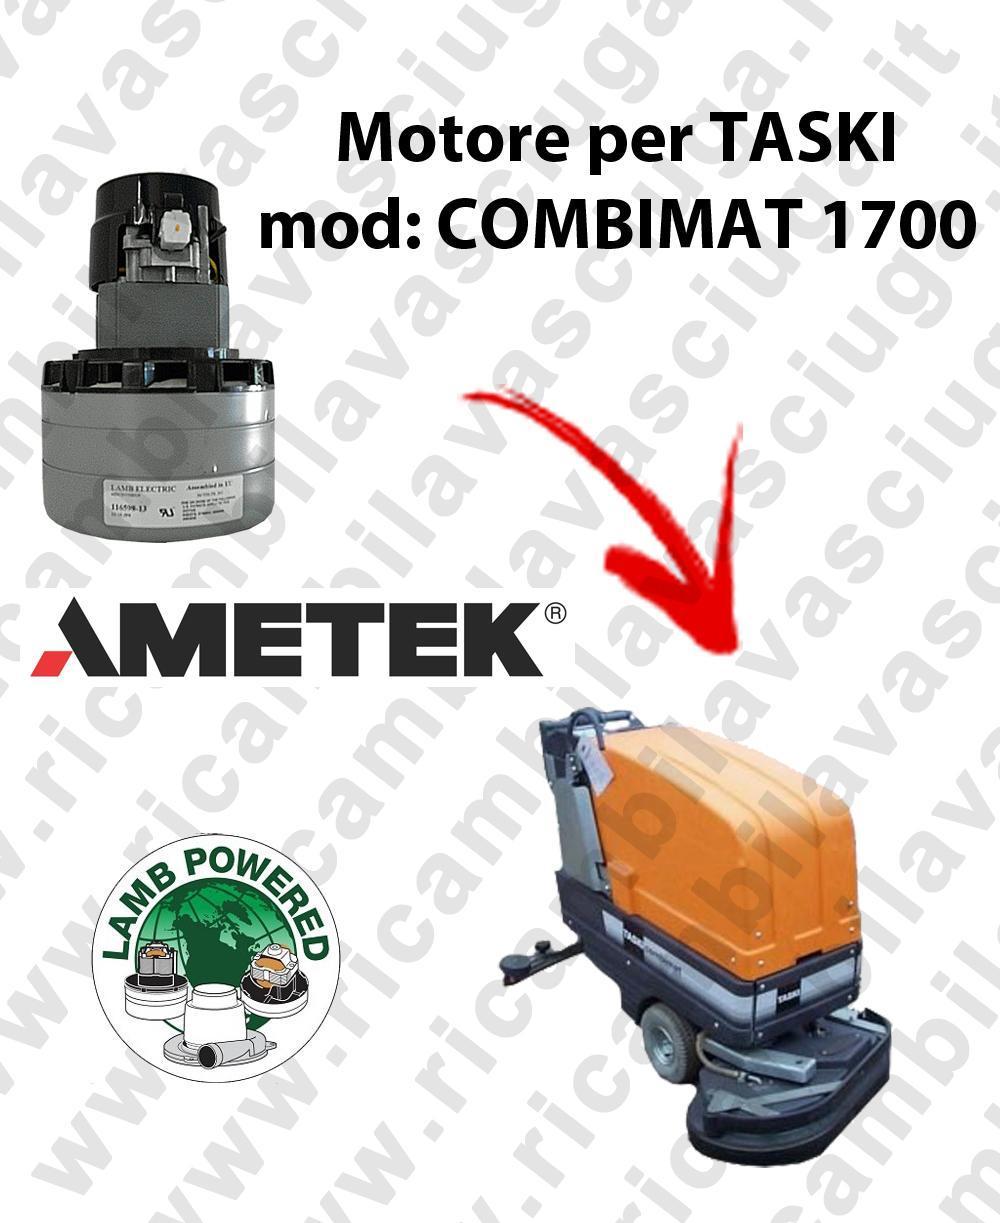 COMBIMAT 1700 LAMB AMETEK vacuum motor for scrubber dryer TASKI